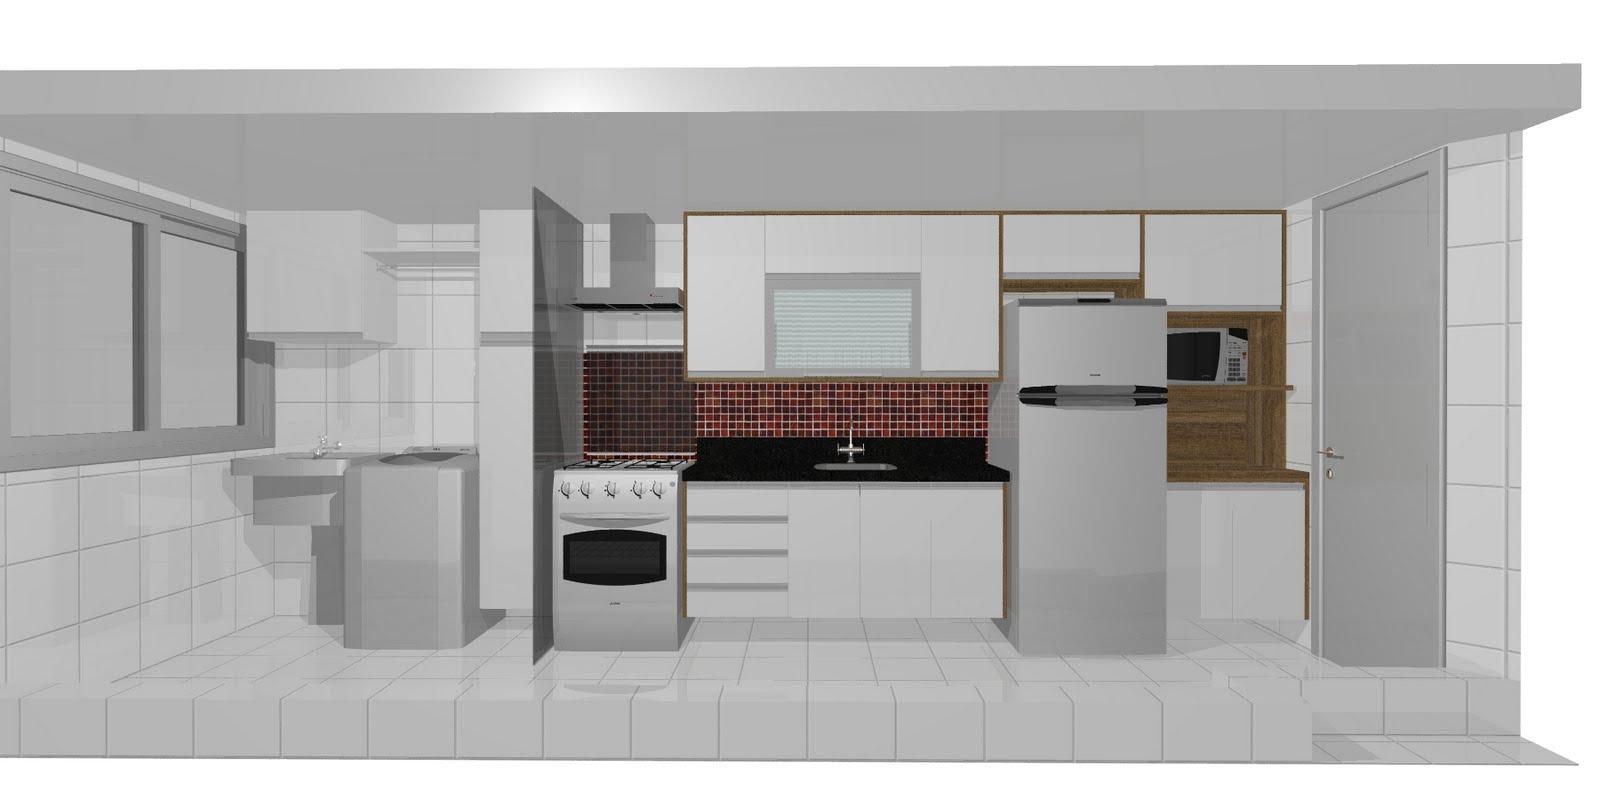 #604537 Idéias da Bia!: Projetos possíveis  1600x800 px Projetos Cozinha Corredor #17 imagens